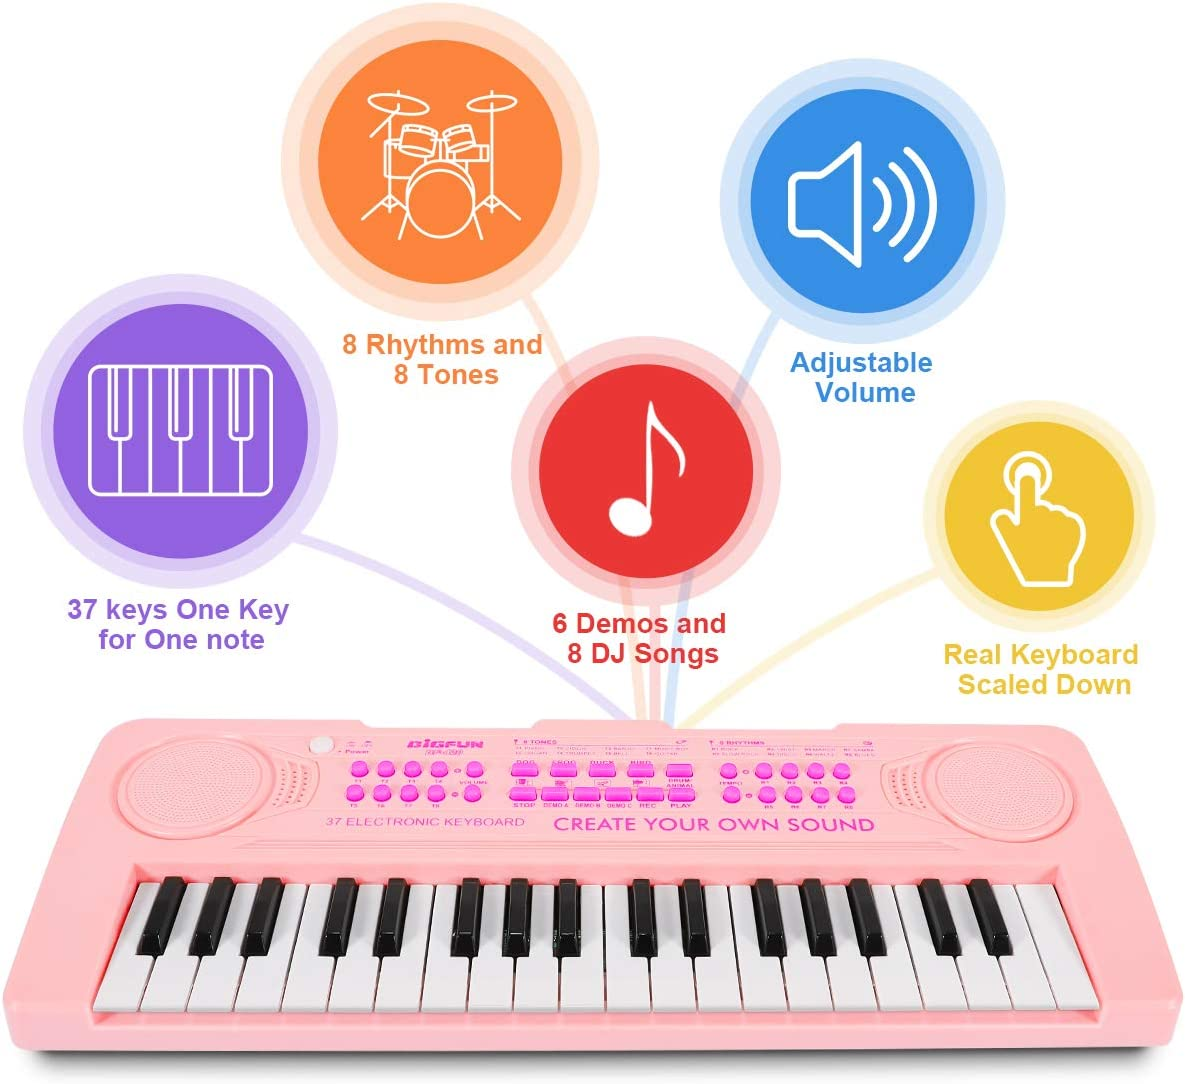 Magicfun Mini Teclado Electrónico Piano Juguete, 37 Teclas Teclado Piano con Micrófono, Sonidos de Animales, Batería y Tempo, Musical Instrumento ...